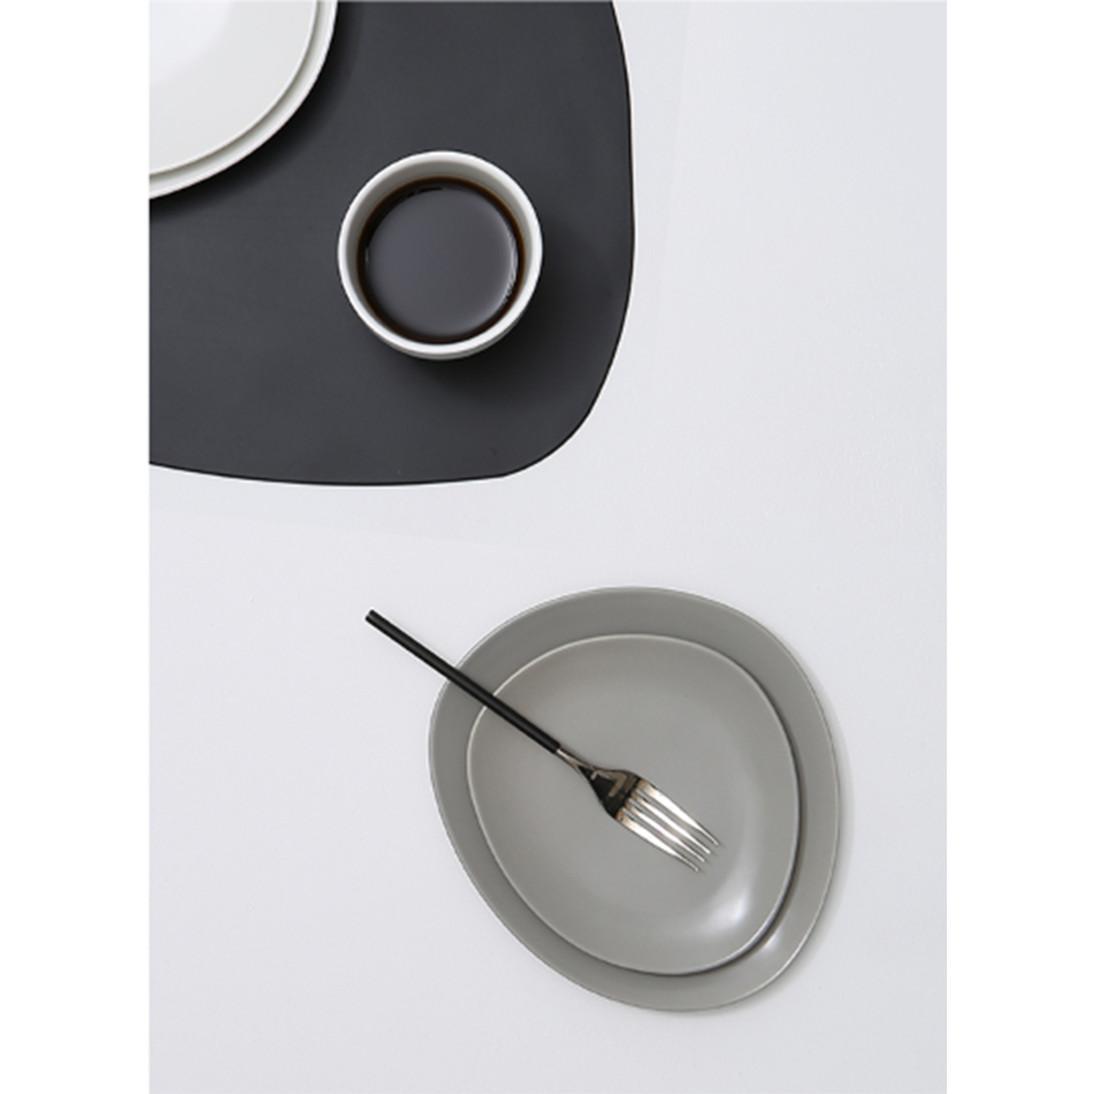 Đĩa tròn phong cách độc, lạ 18,5cm - Pebble - Erato - Hàng nhập khẩu